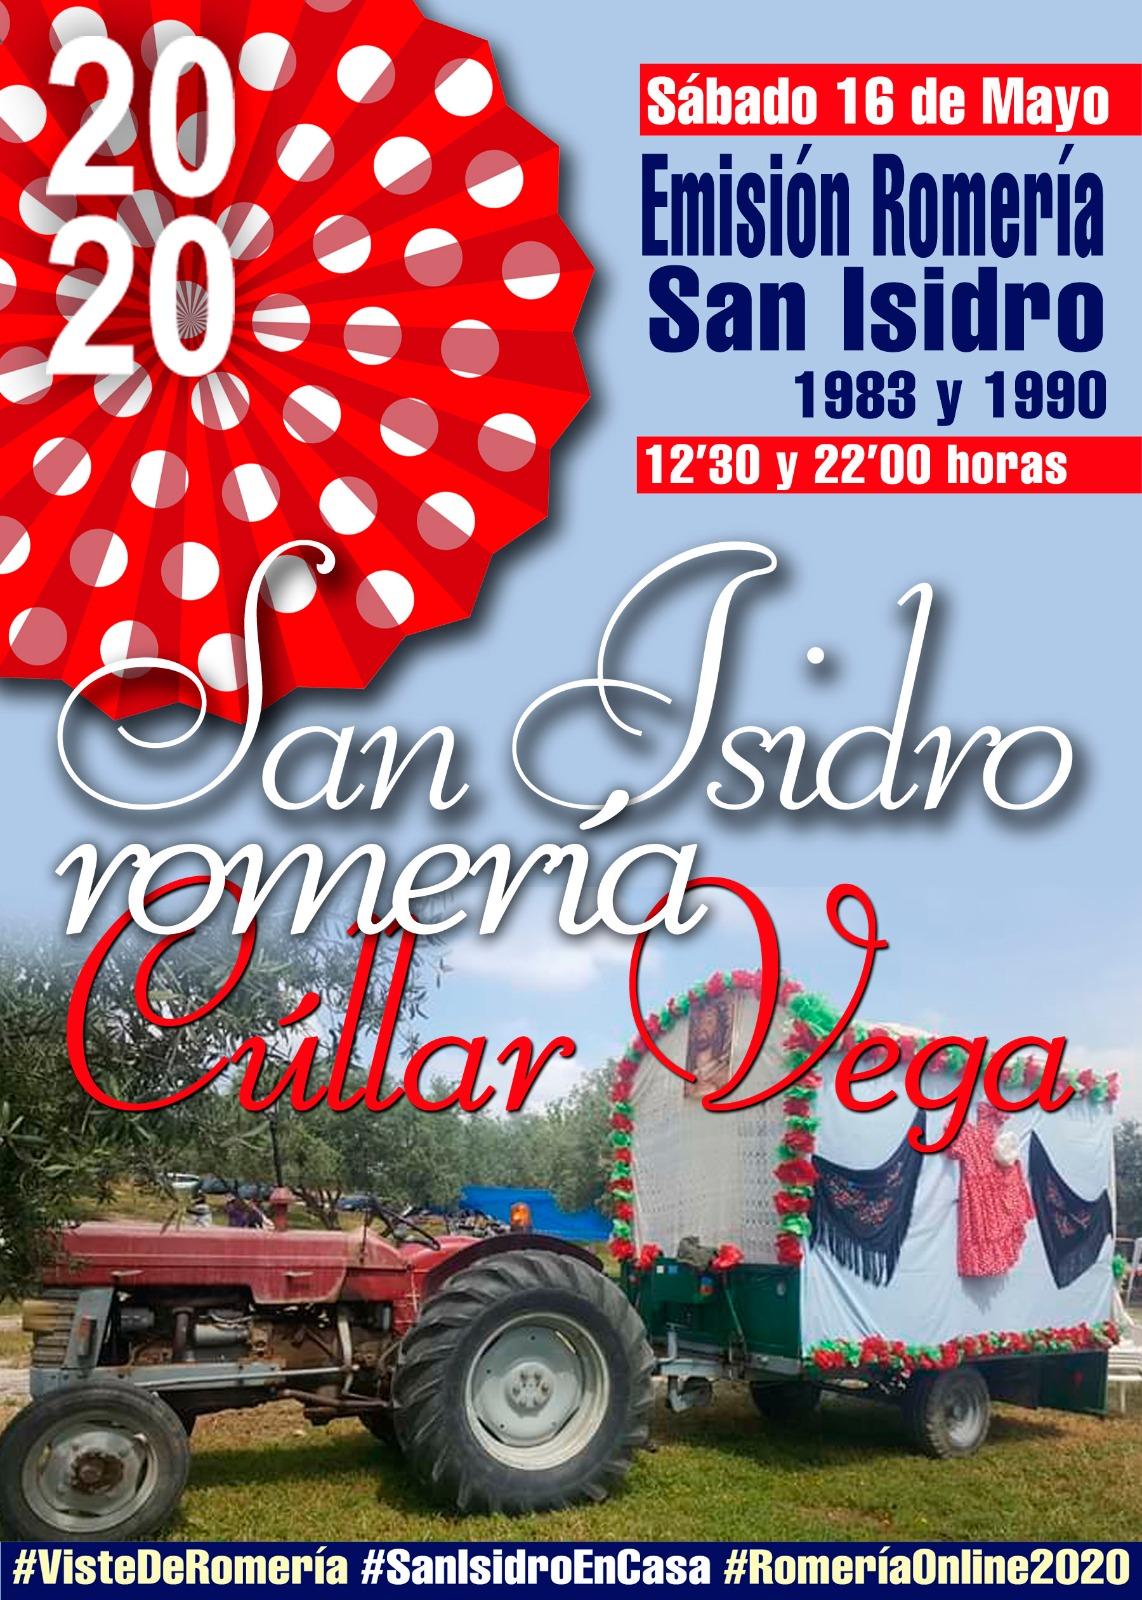 Romería San Isidro 2020 en Cúllar Vega